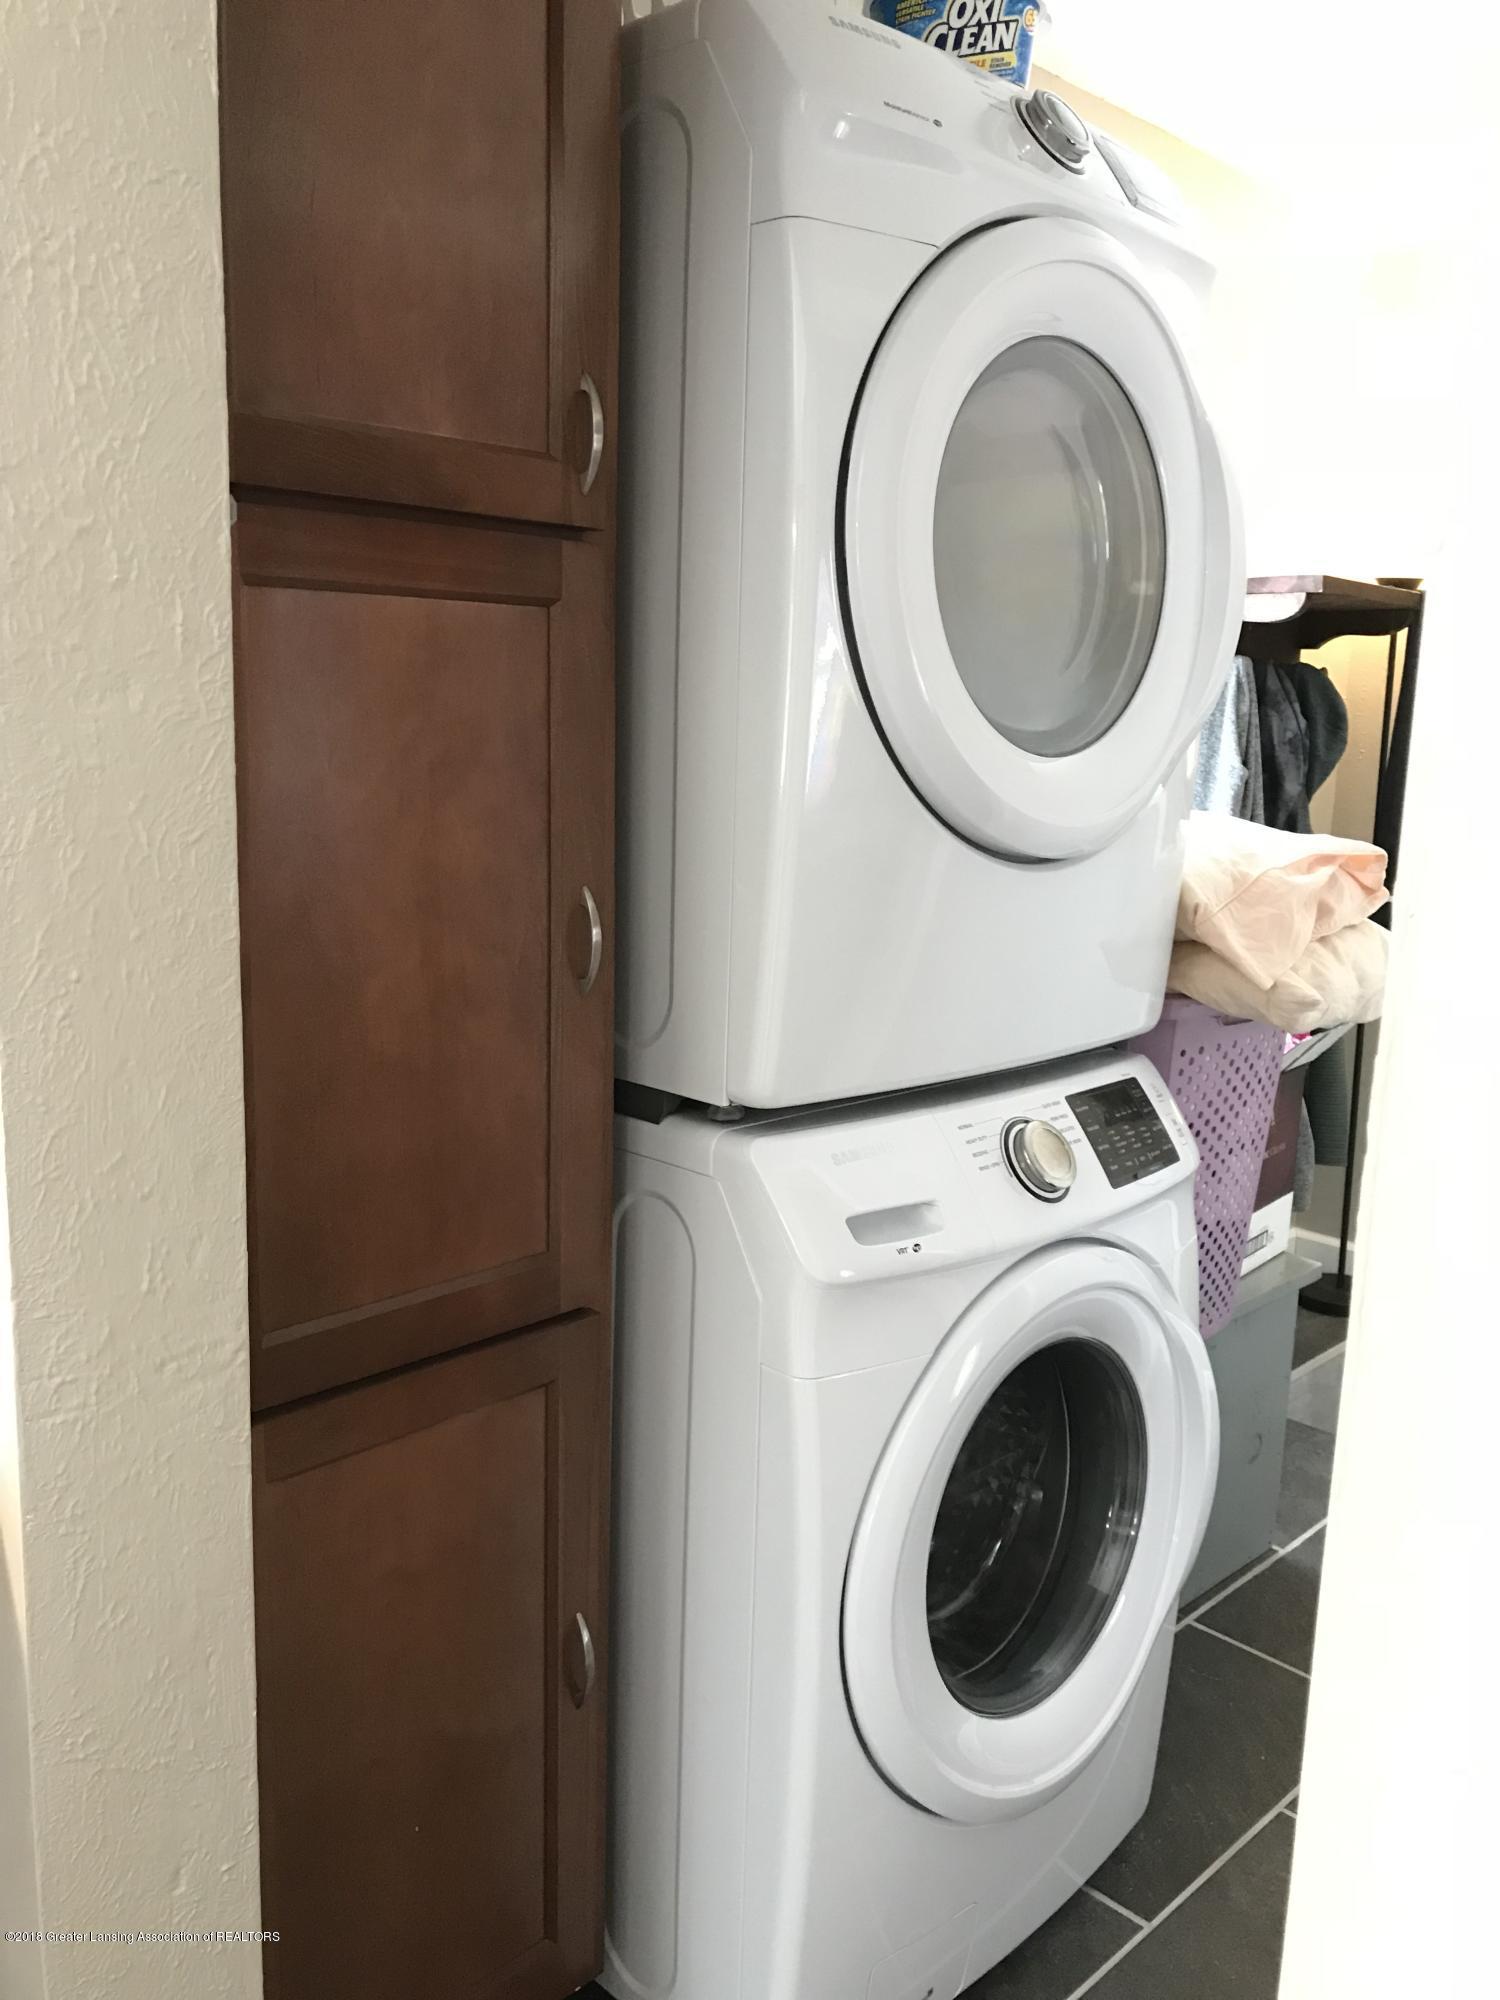 204 E Shaw St - 22 Laundry - 23